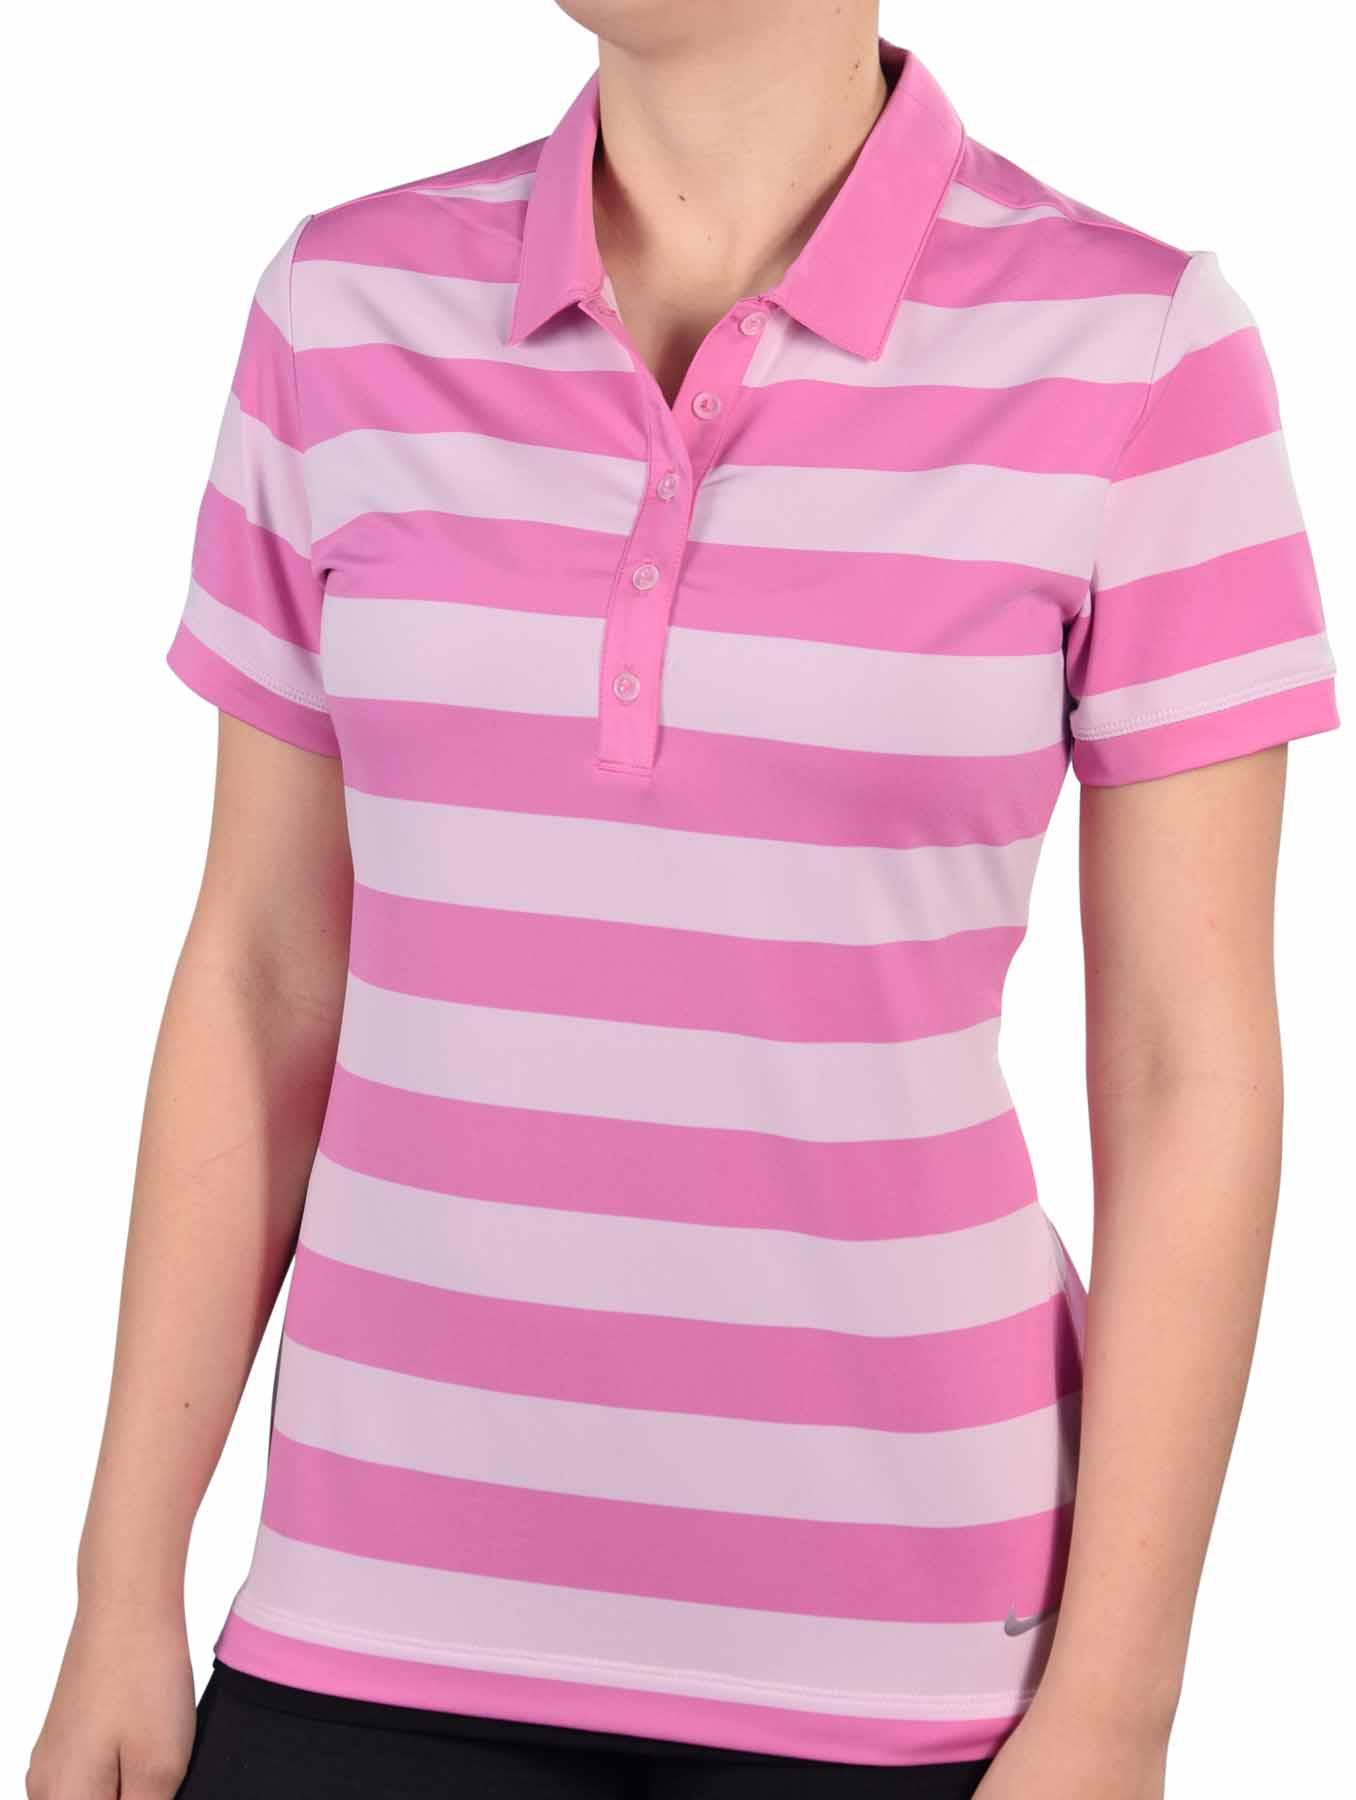 Nike Women's Dri-Fit Bold Stripe Golf Polo Shirt